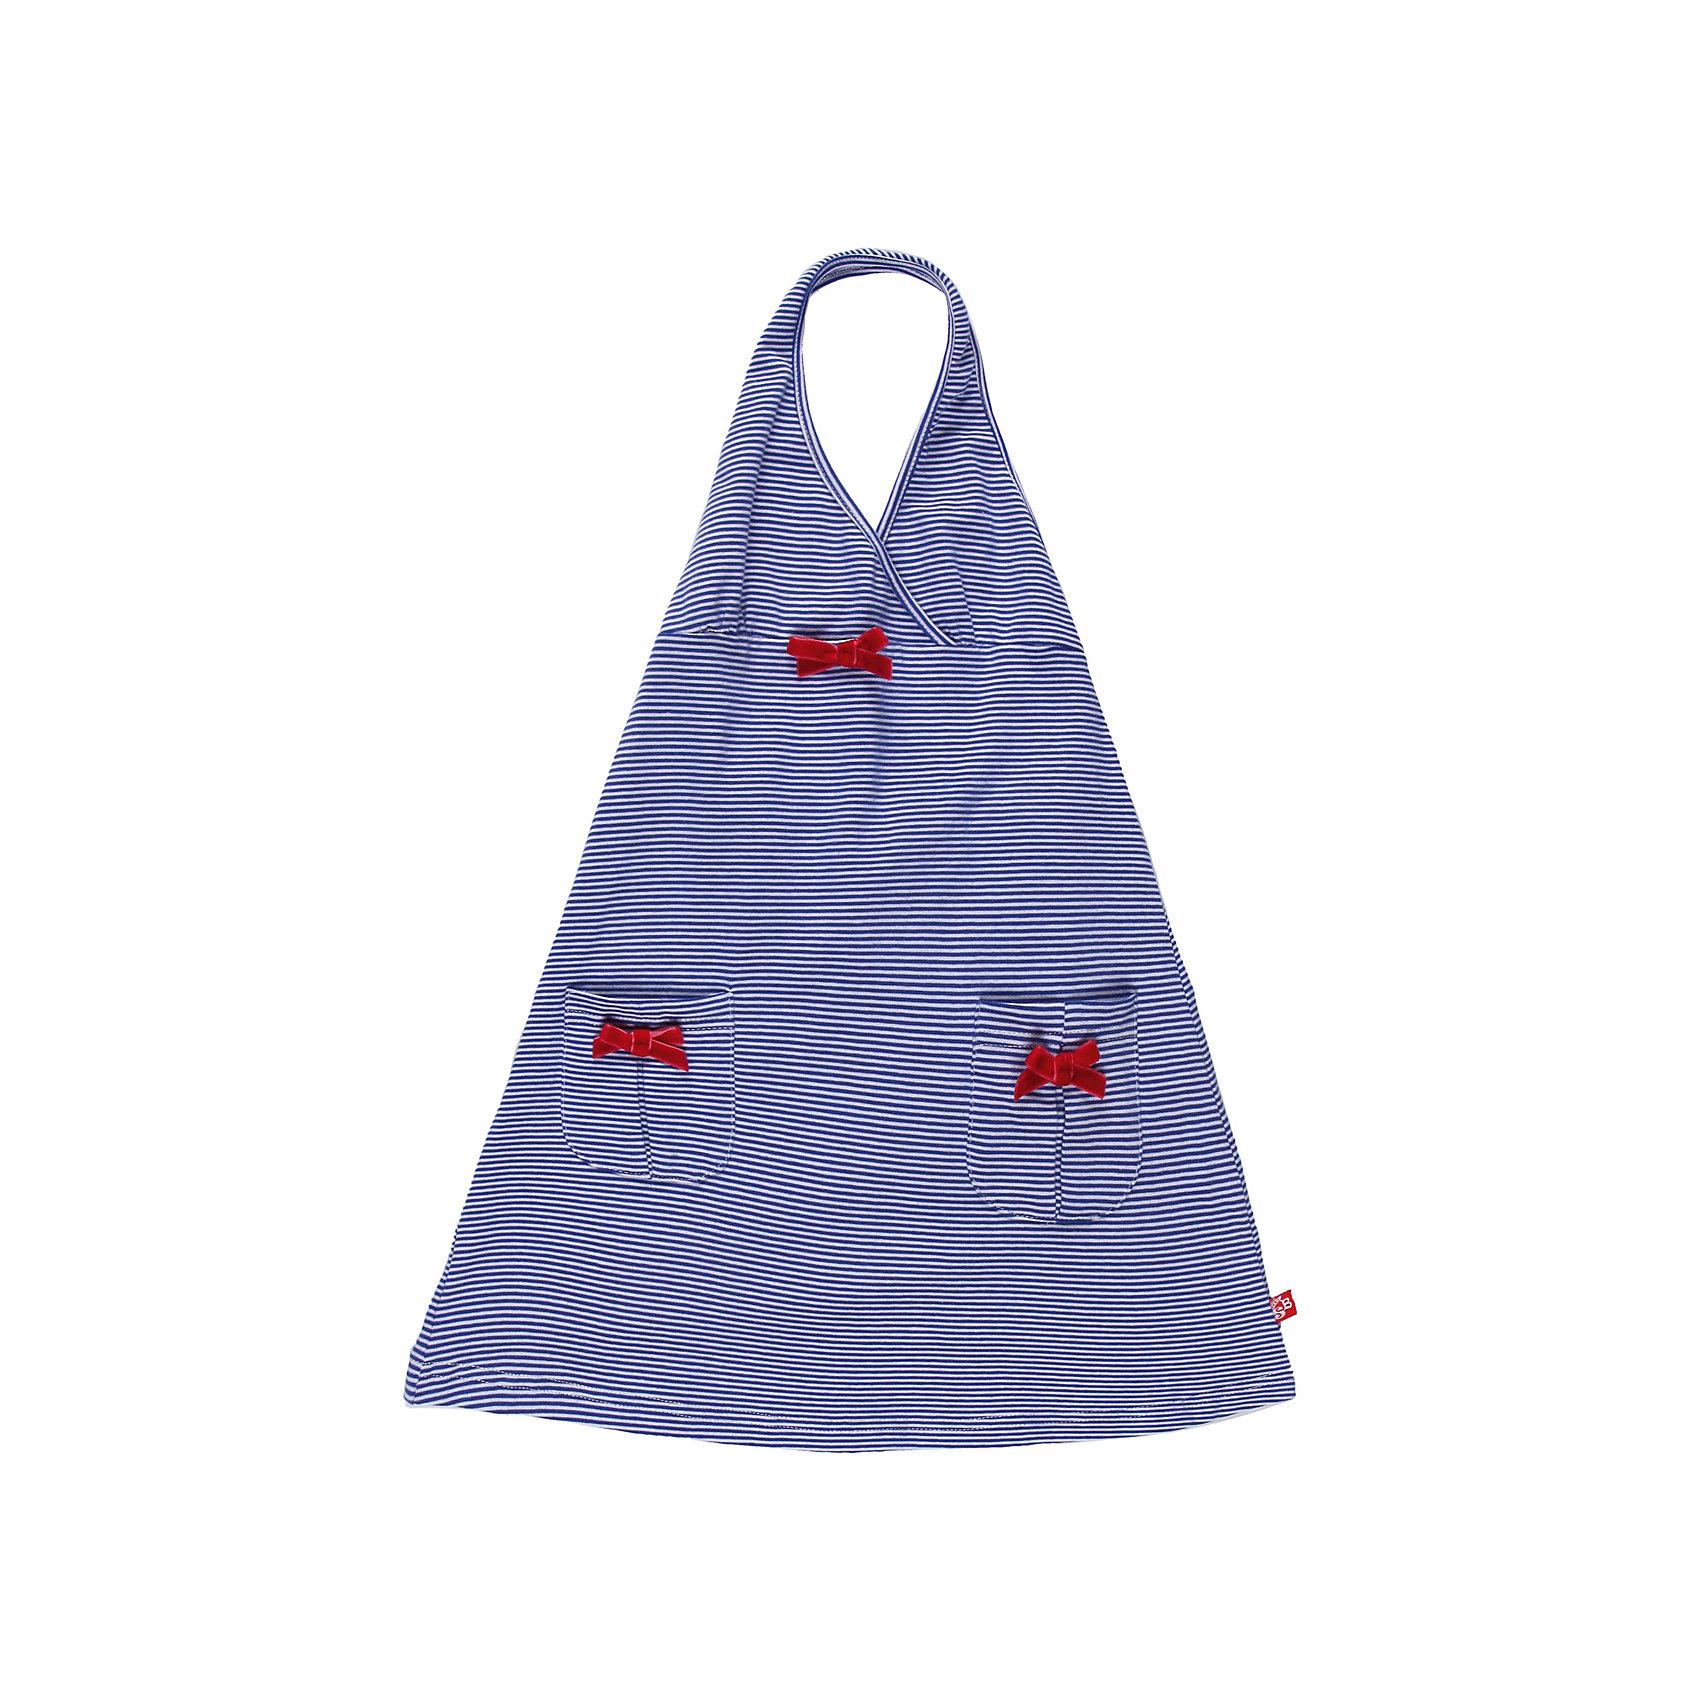 Платье для девочки Sweet BerryРомантичное платье из эластичного трикотажа  с открытой спиной. Декорировано бантиками из велюра.<br>Состав:<br>95% хлопок, 5% эластан<br><br>Ширина мм: 236<br>Глубина мм: 16<br>Высота мм: 184<br>Вес г: 177<br>Цвет: белый/синий<br>Возраст от месяцев: 24<br>Возраст до месяцев: 36<br>Пол: Женский<br>Возраст: Детский<br>Размер: 128,116,122,104,98,110<br>SKU: 4521098